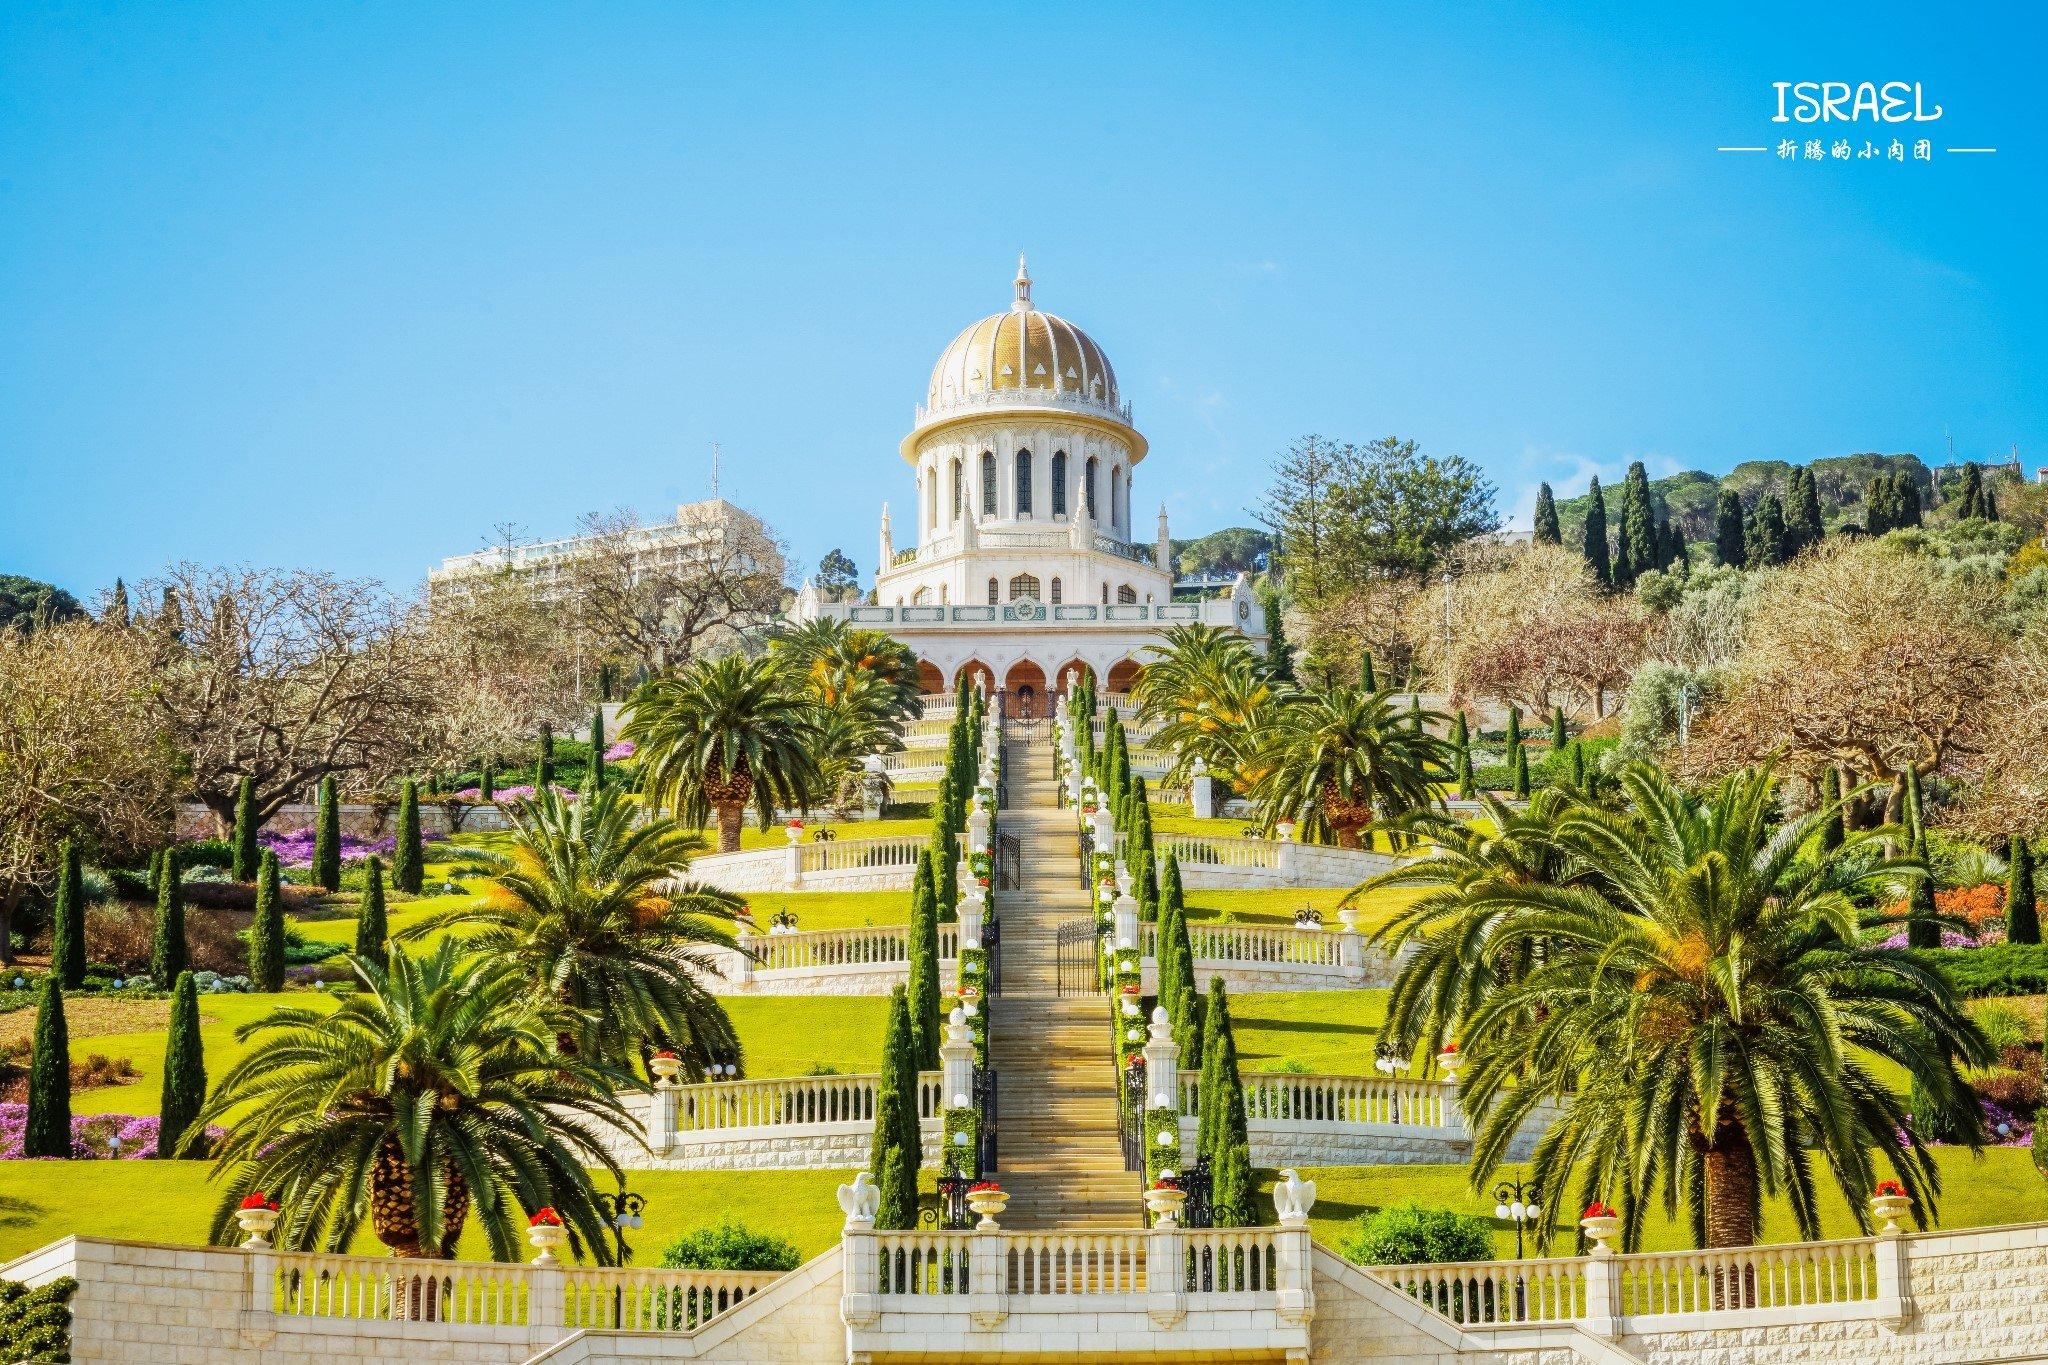 而在海法,最着名的当属巴哈伊空中花园了,无论是在底部仰望,还是在图片